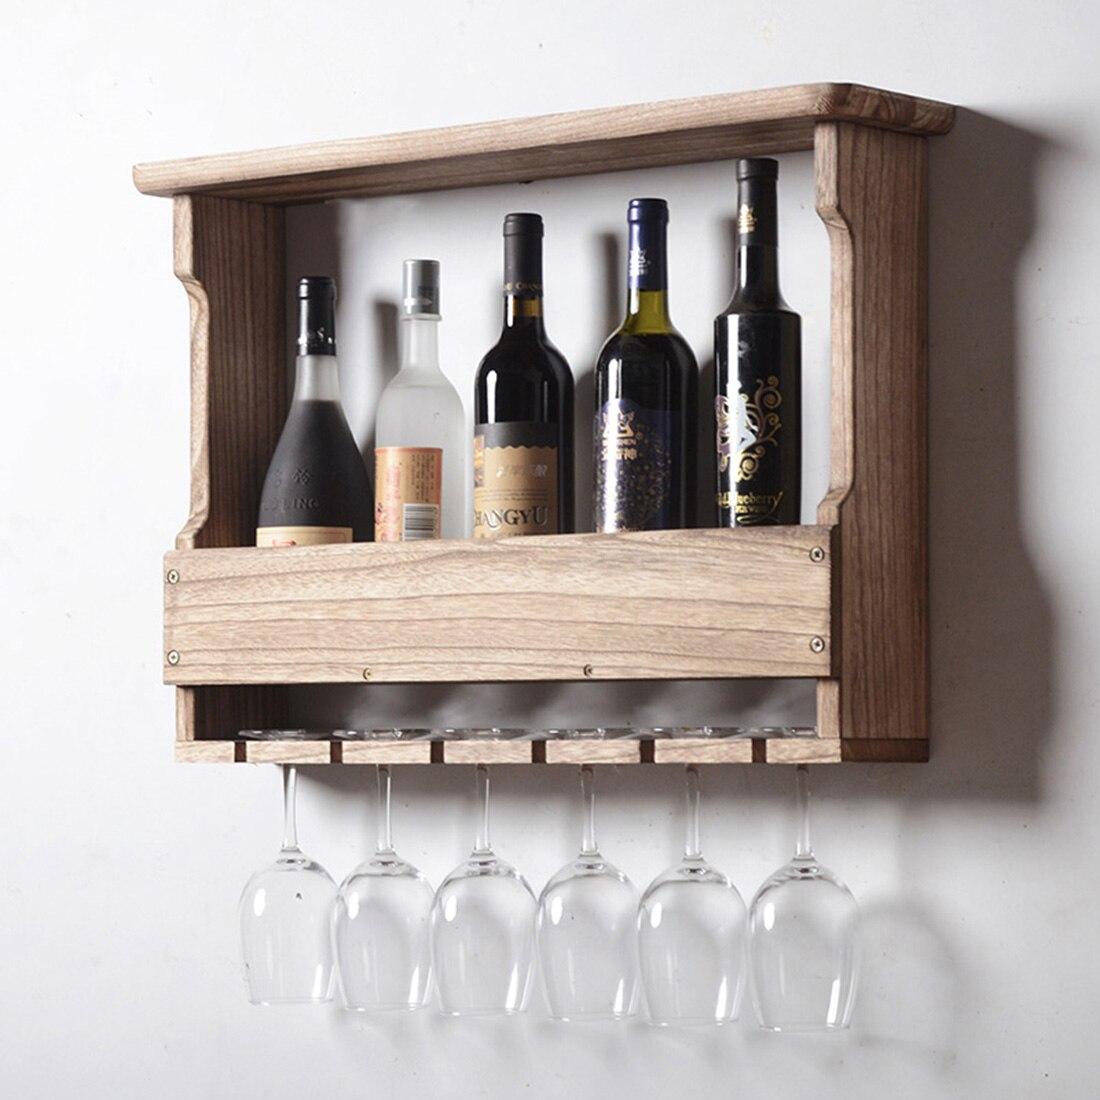 vin couleur claire support de verre